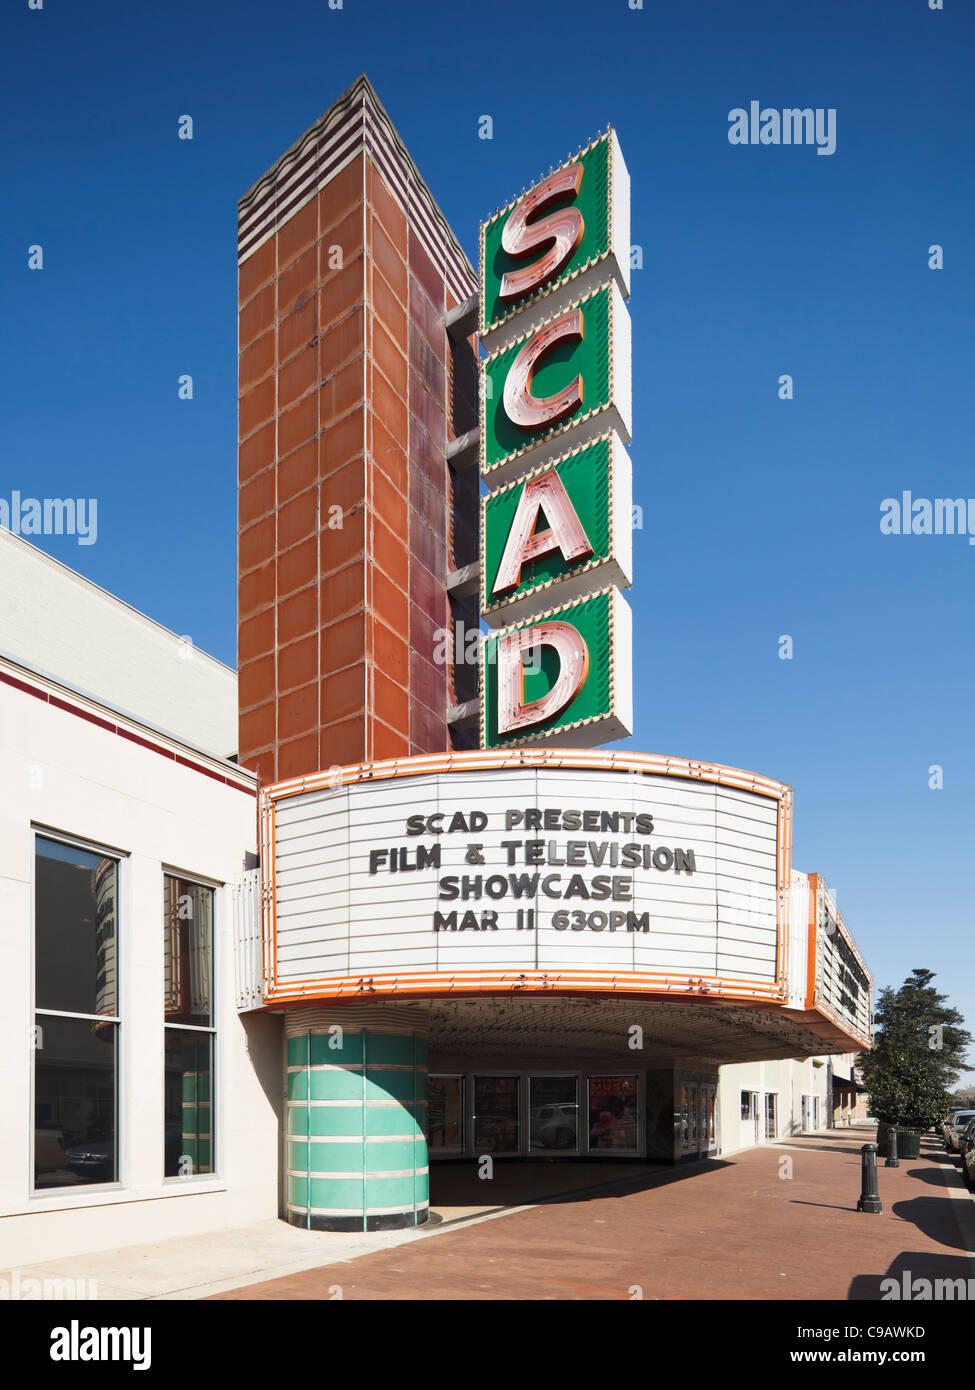 SCAD Trustees Theater, Savannah - Stock Image